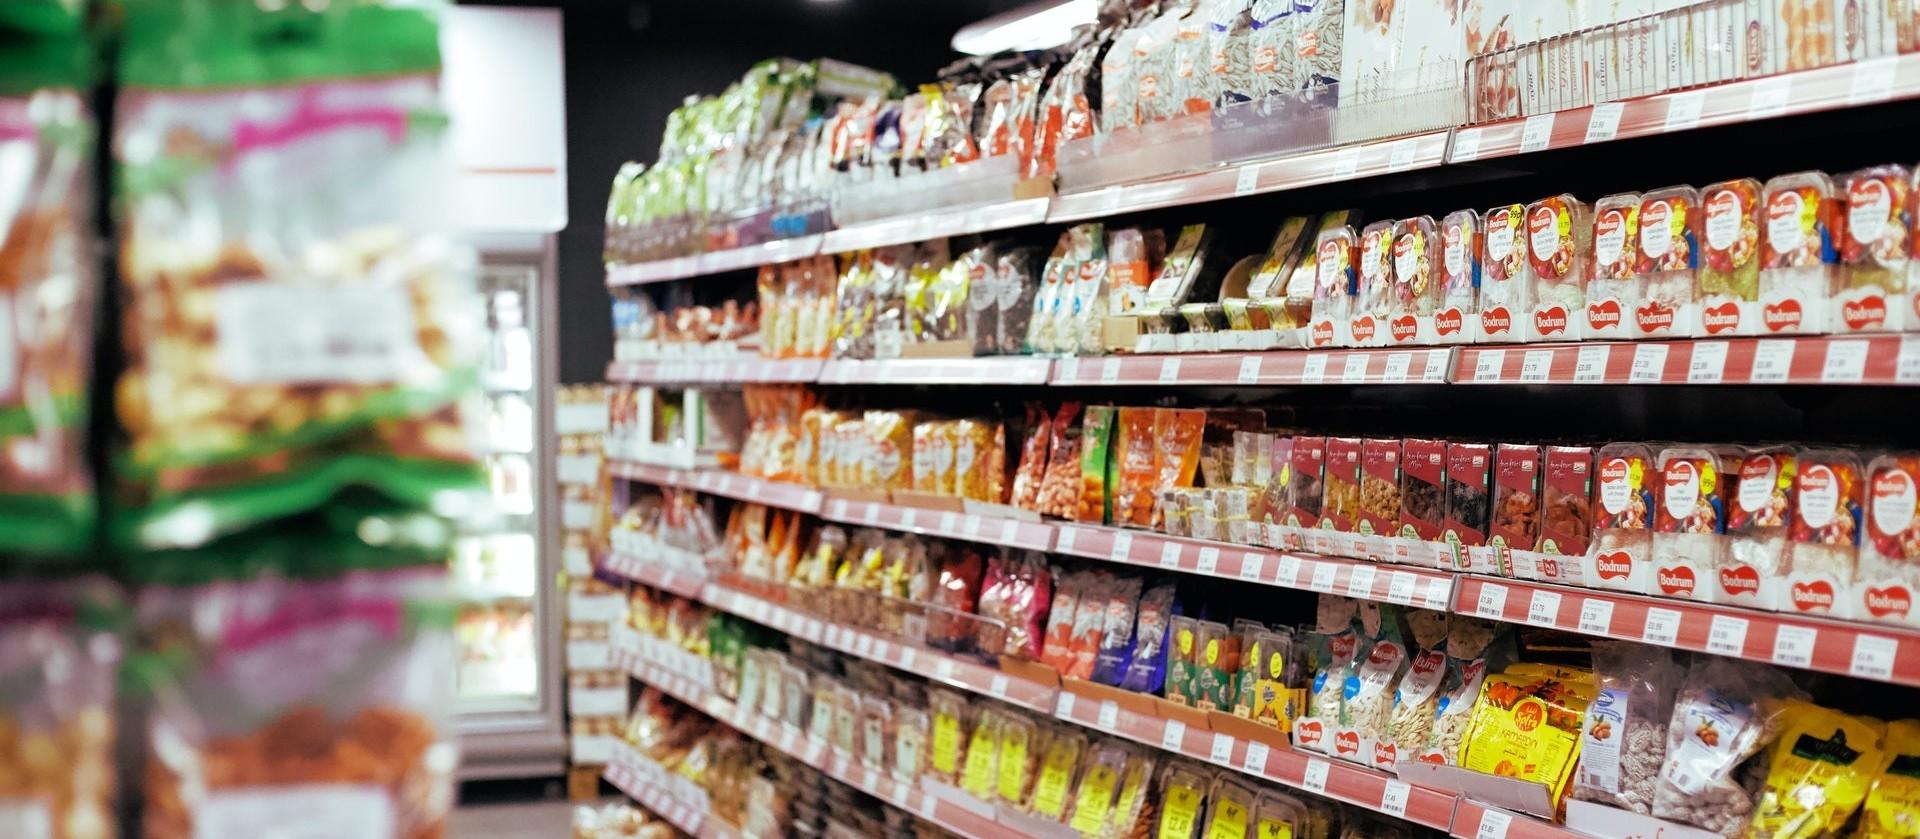 Supermercado que só faz entregas de compras feitas pela internet